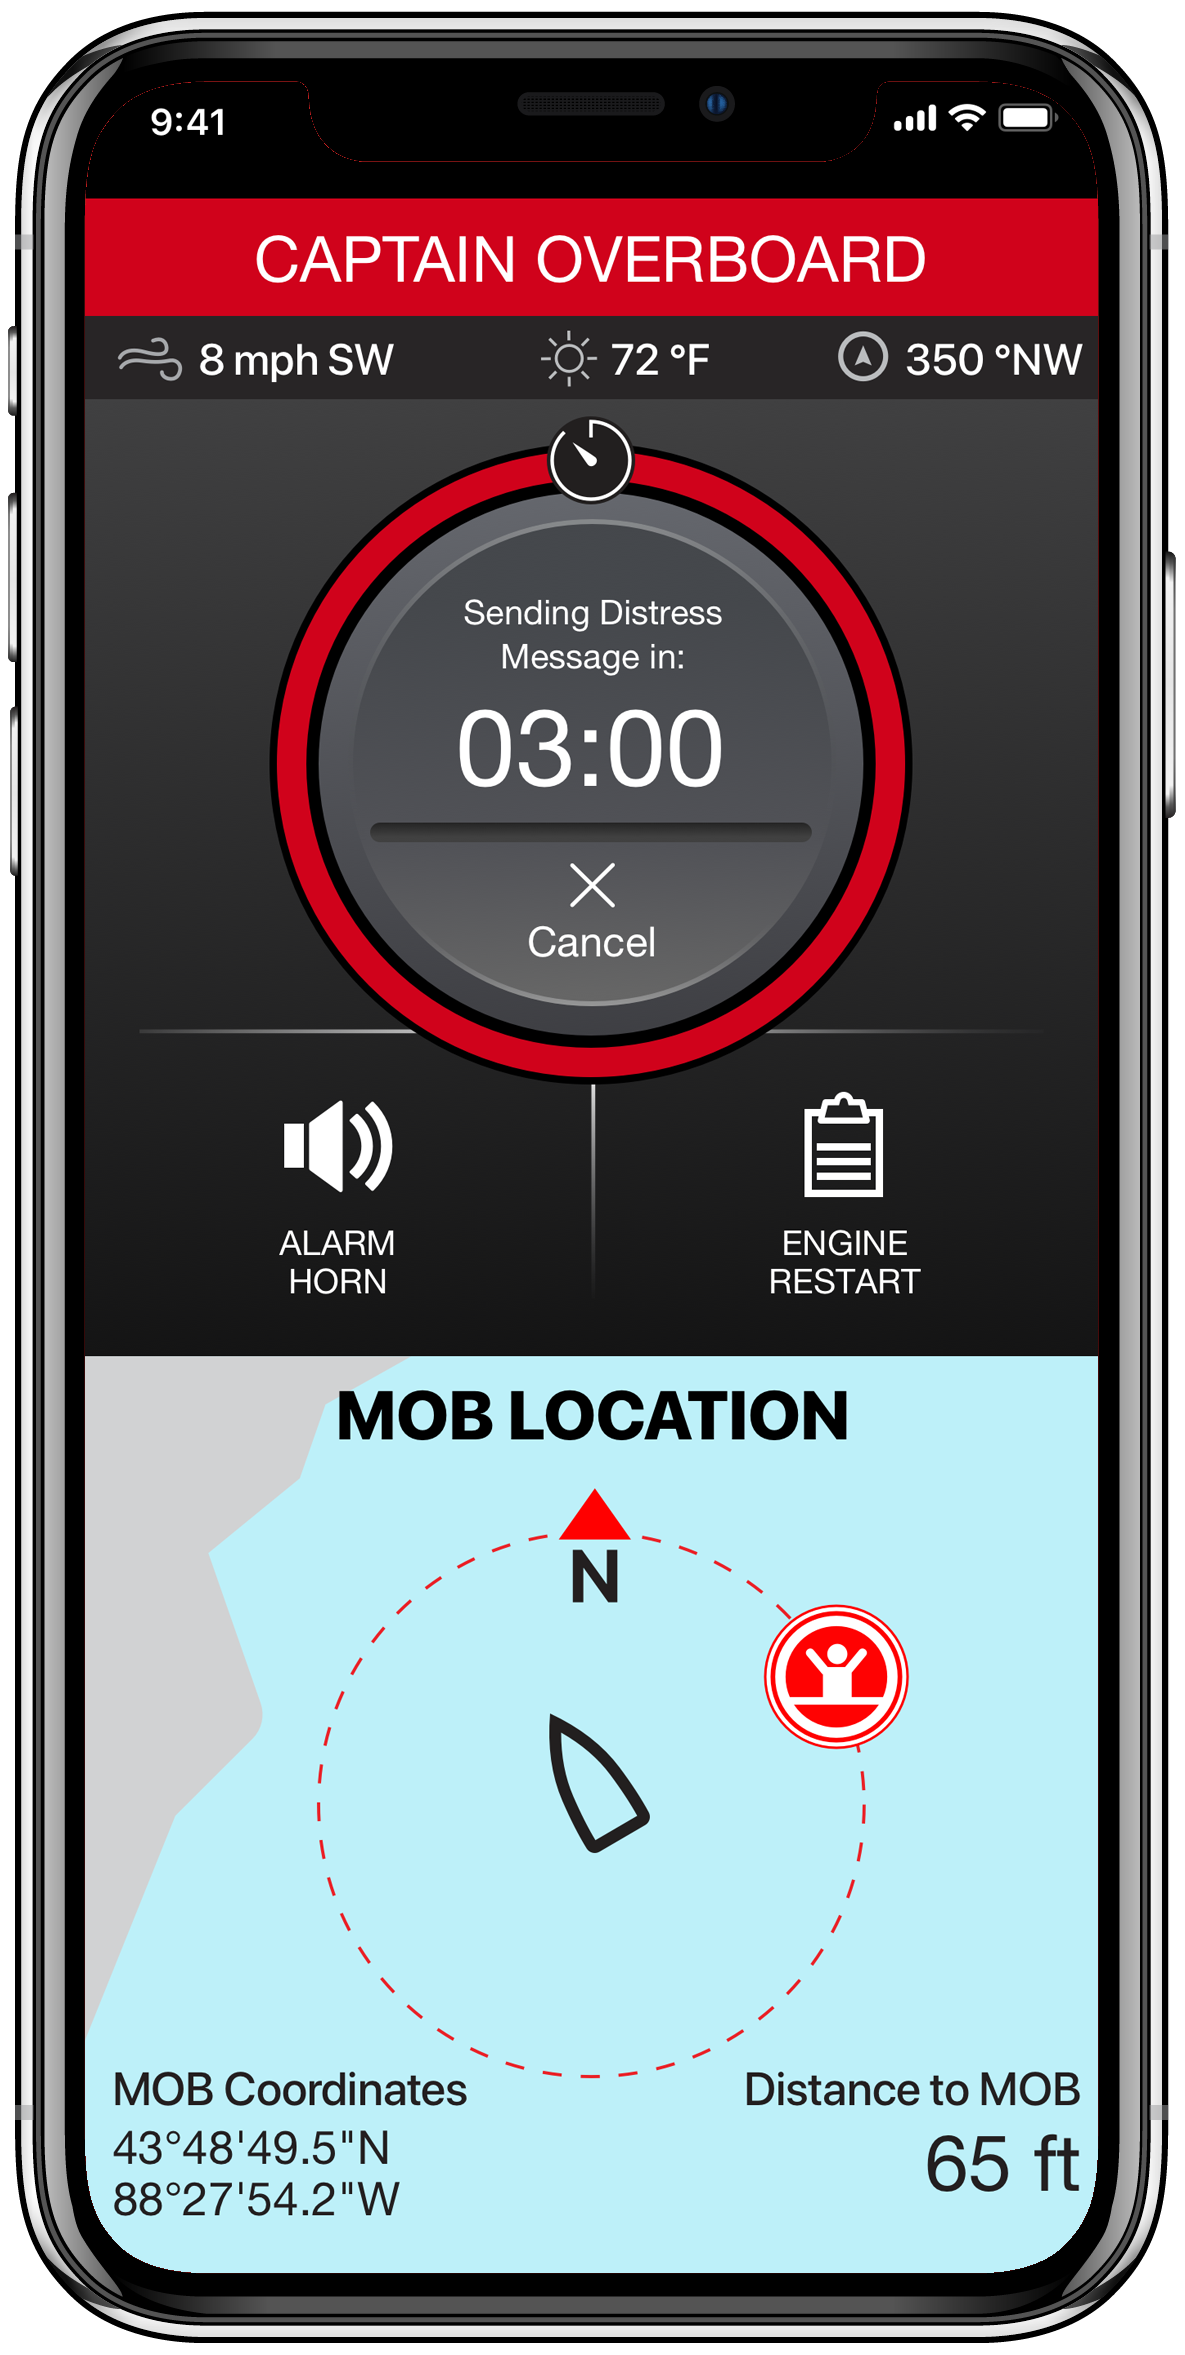 Lanzamiento de la aplicación de Android para el dispositivo de seguridad y protección 1st Mate para motores Mercury SmartCraft